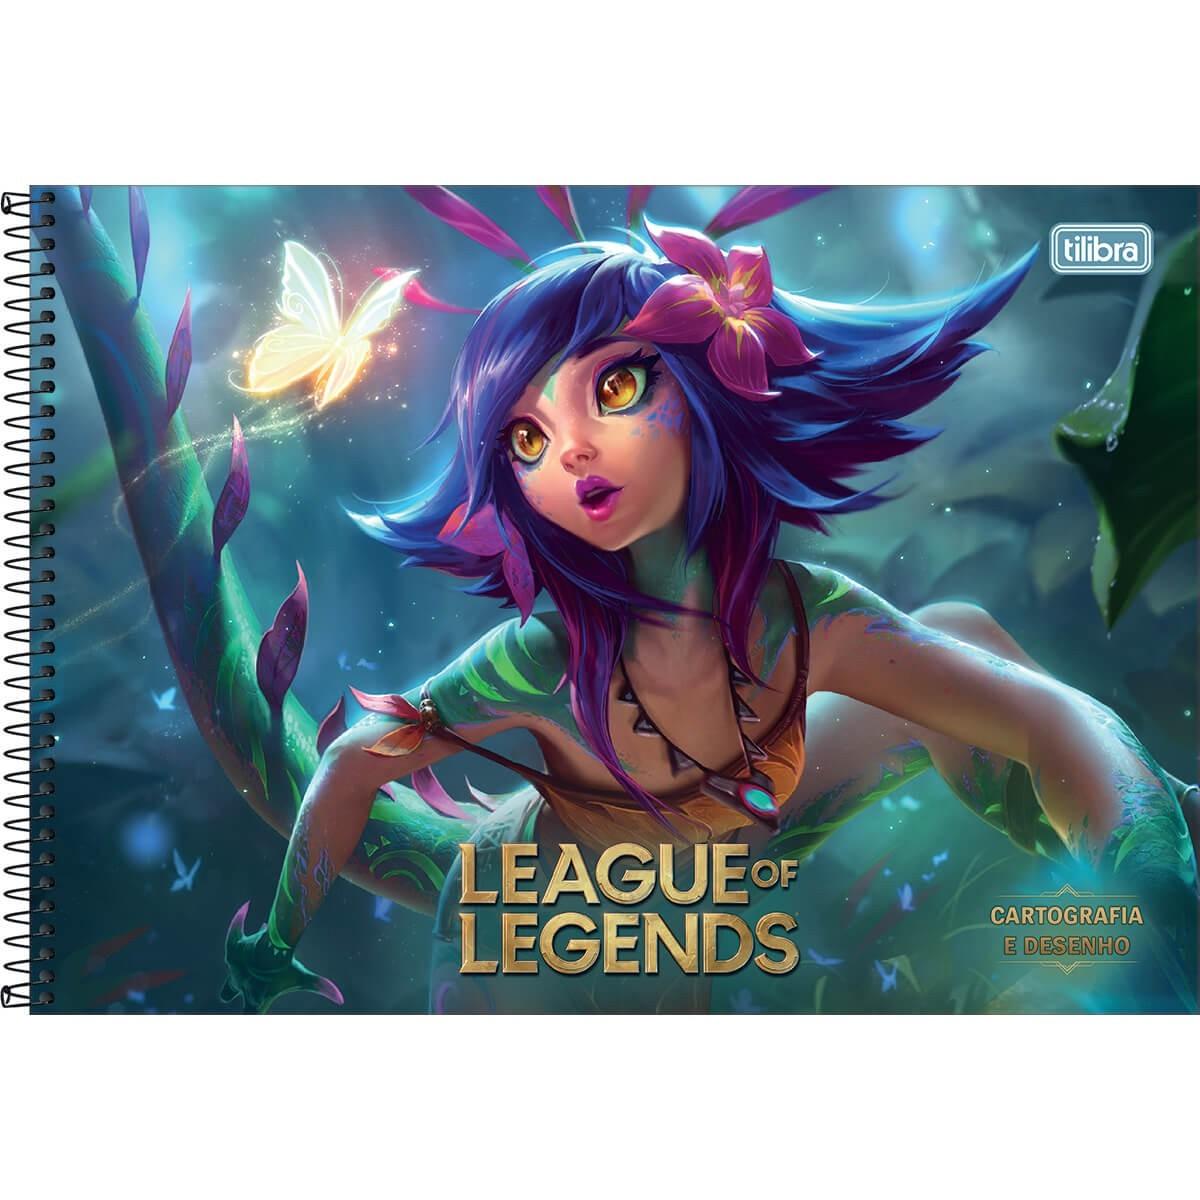 Caderno de Cartografia e Desenho Espiral Capa Dura League of Legends Nekko 80 Folhas